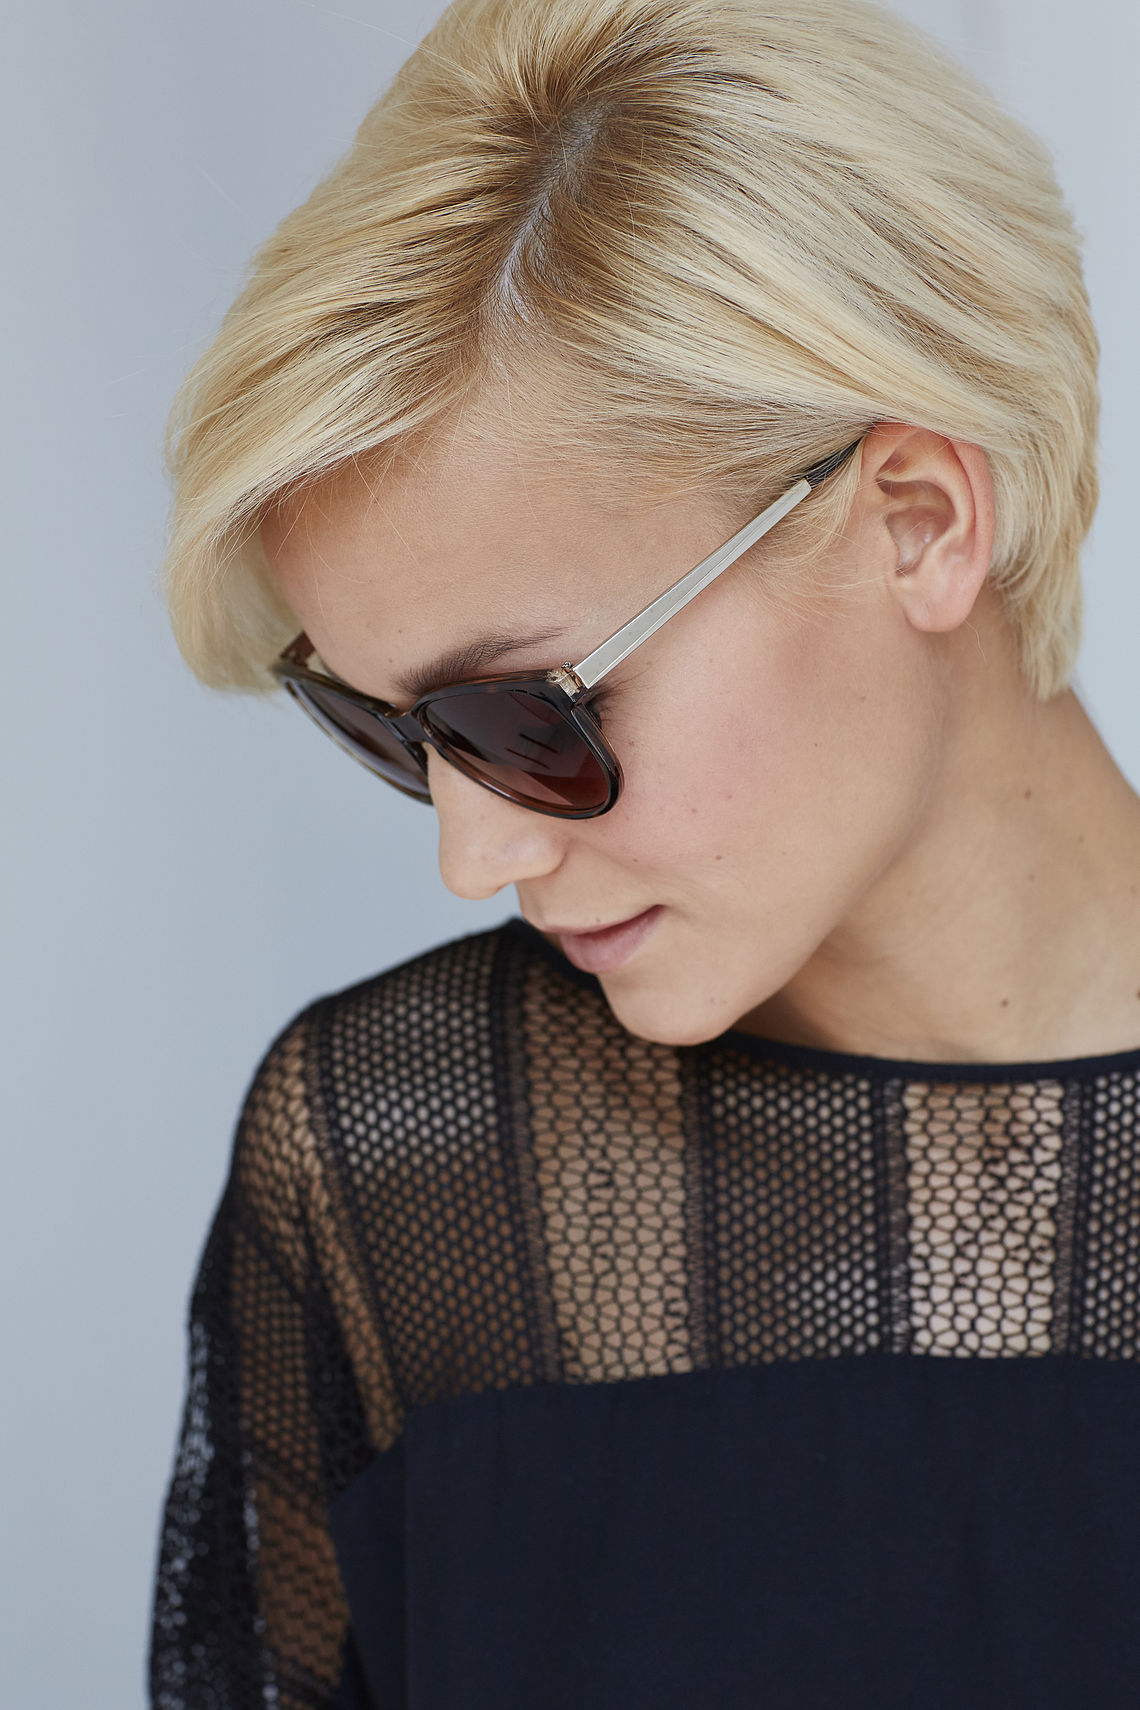 Woman wearing sunglasses 302100